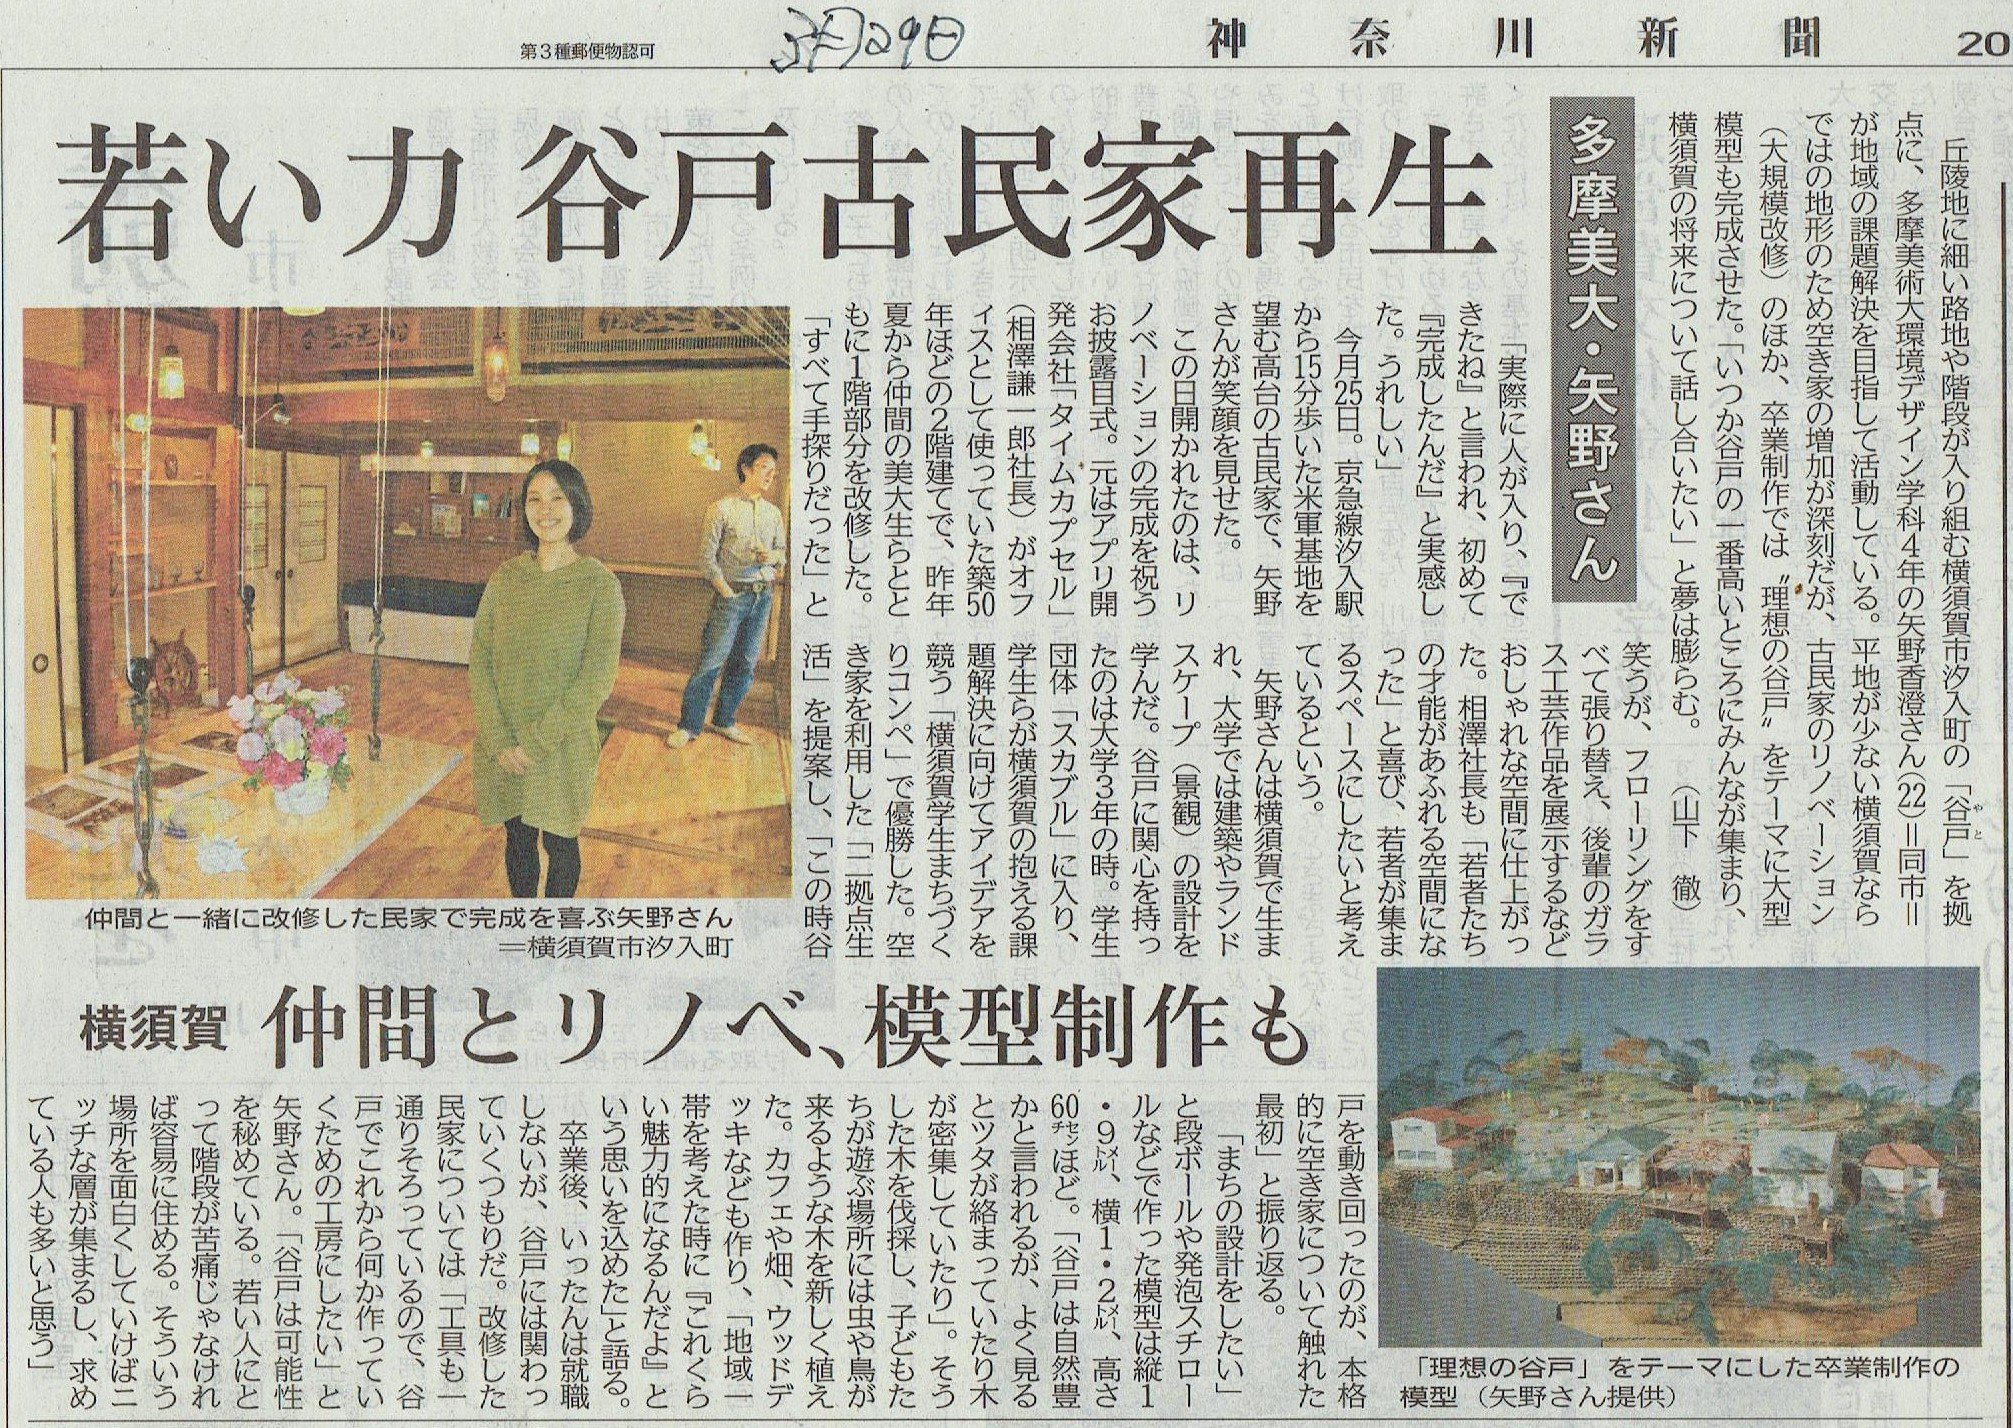 神奈川新聞にてタイムカプセルの取り組みが記事になりました。